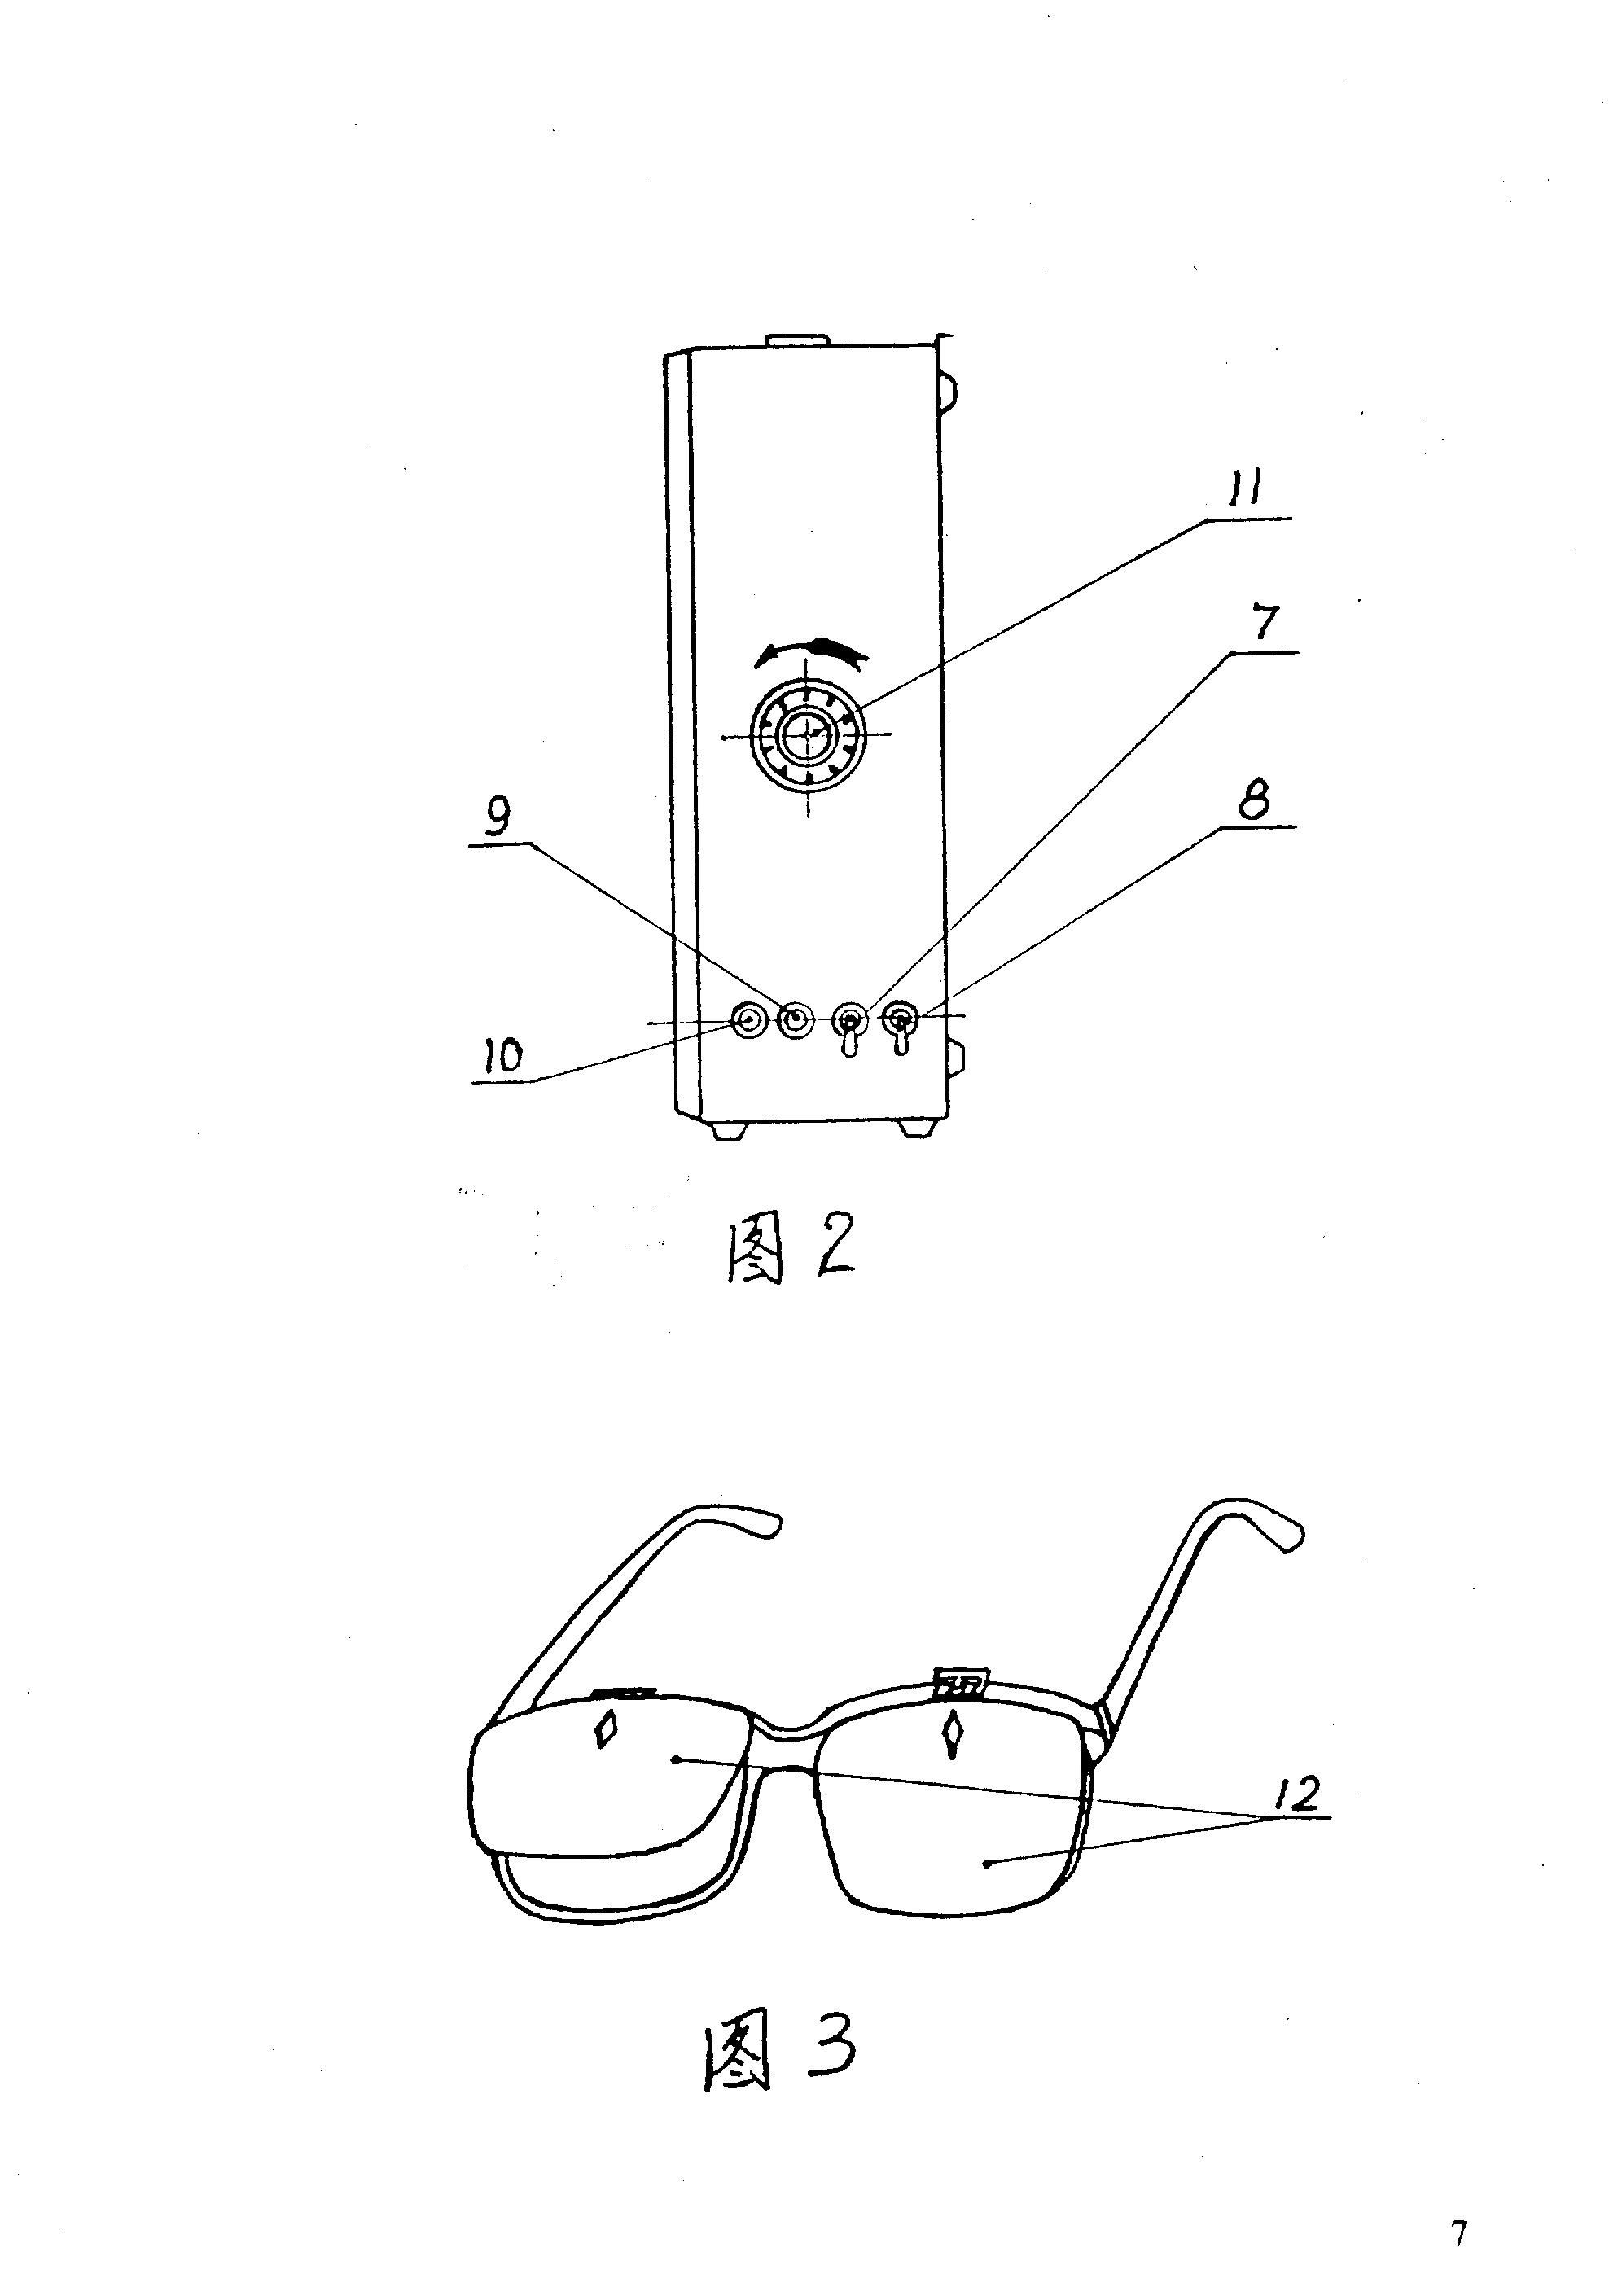 1986年 - 发明民航专用视力表